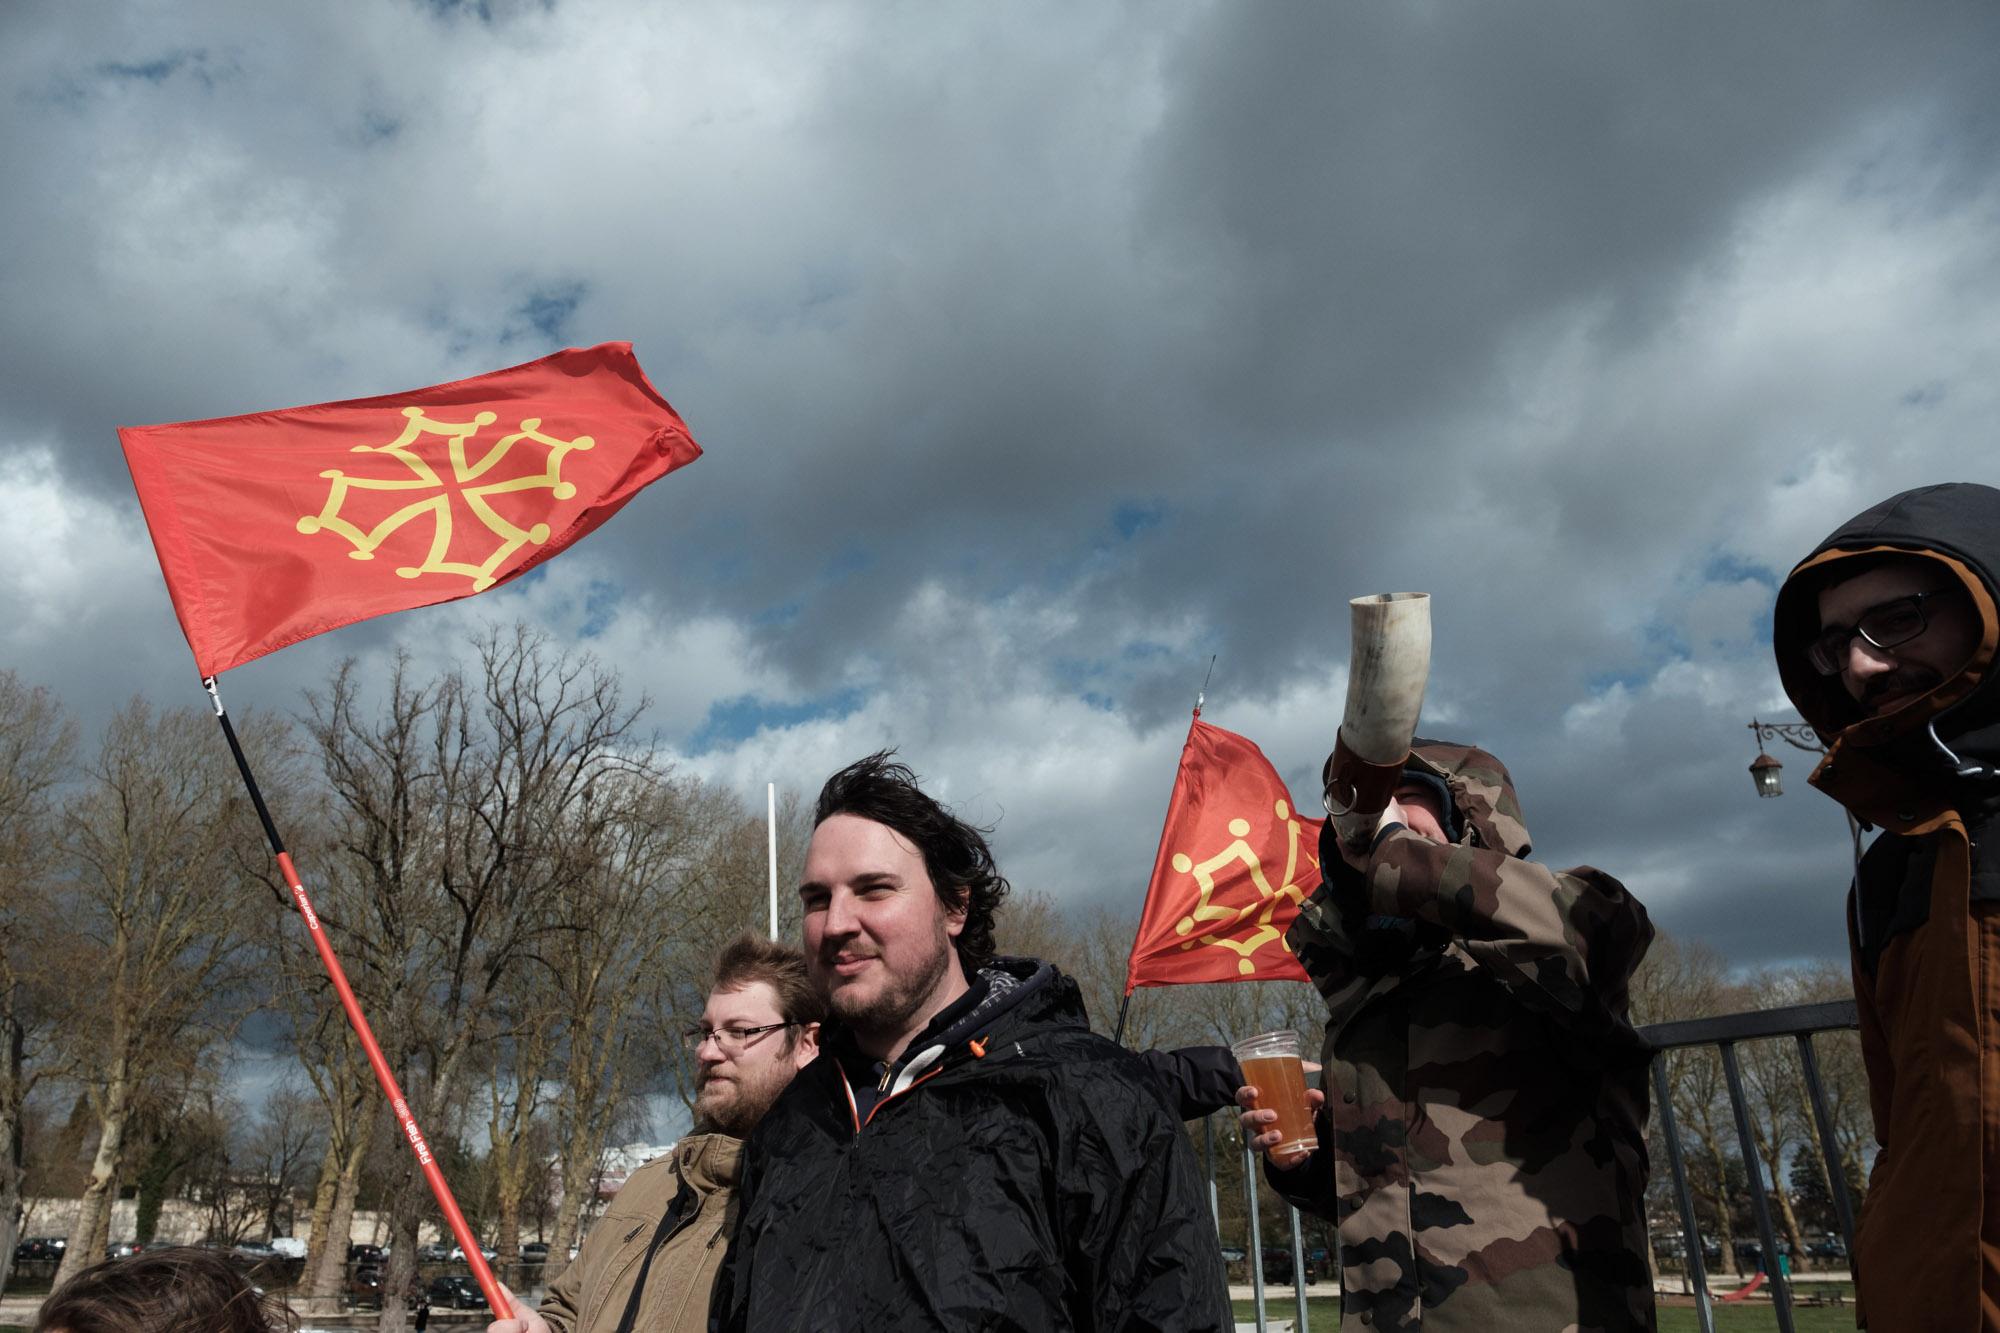 Des fans de la région Occitanie sont venus soutenir l'équipe Carcas Sonne.